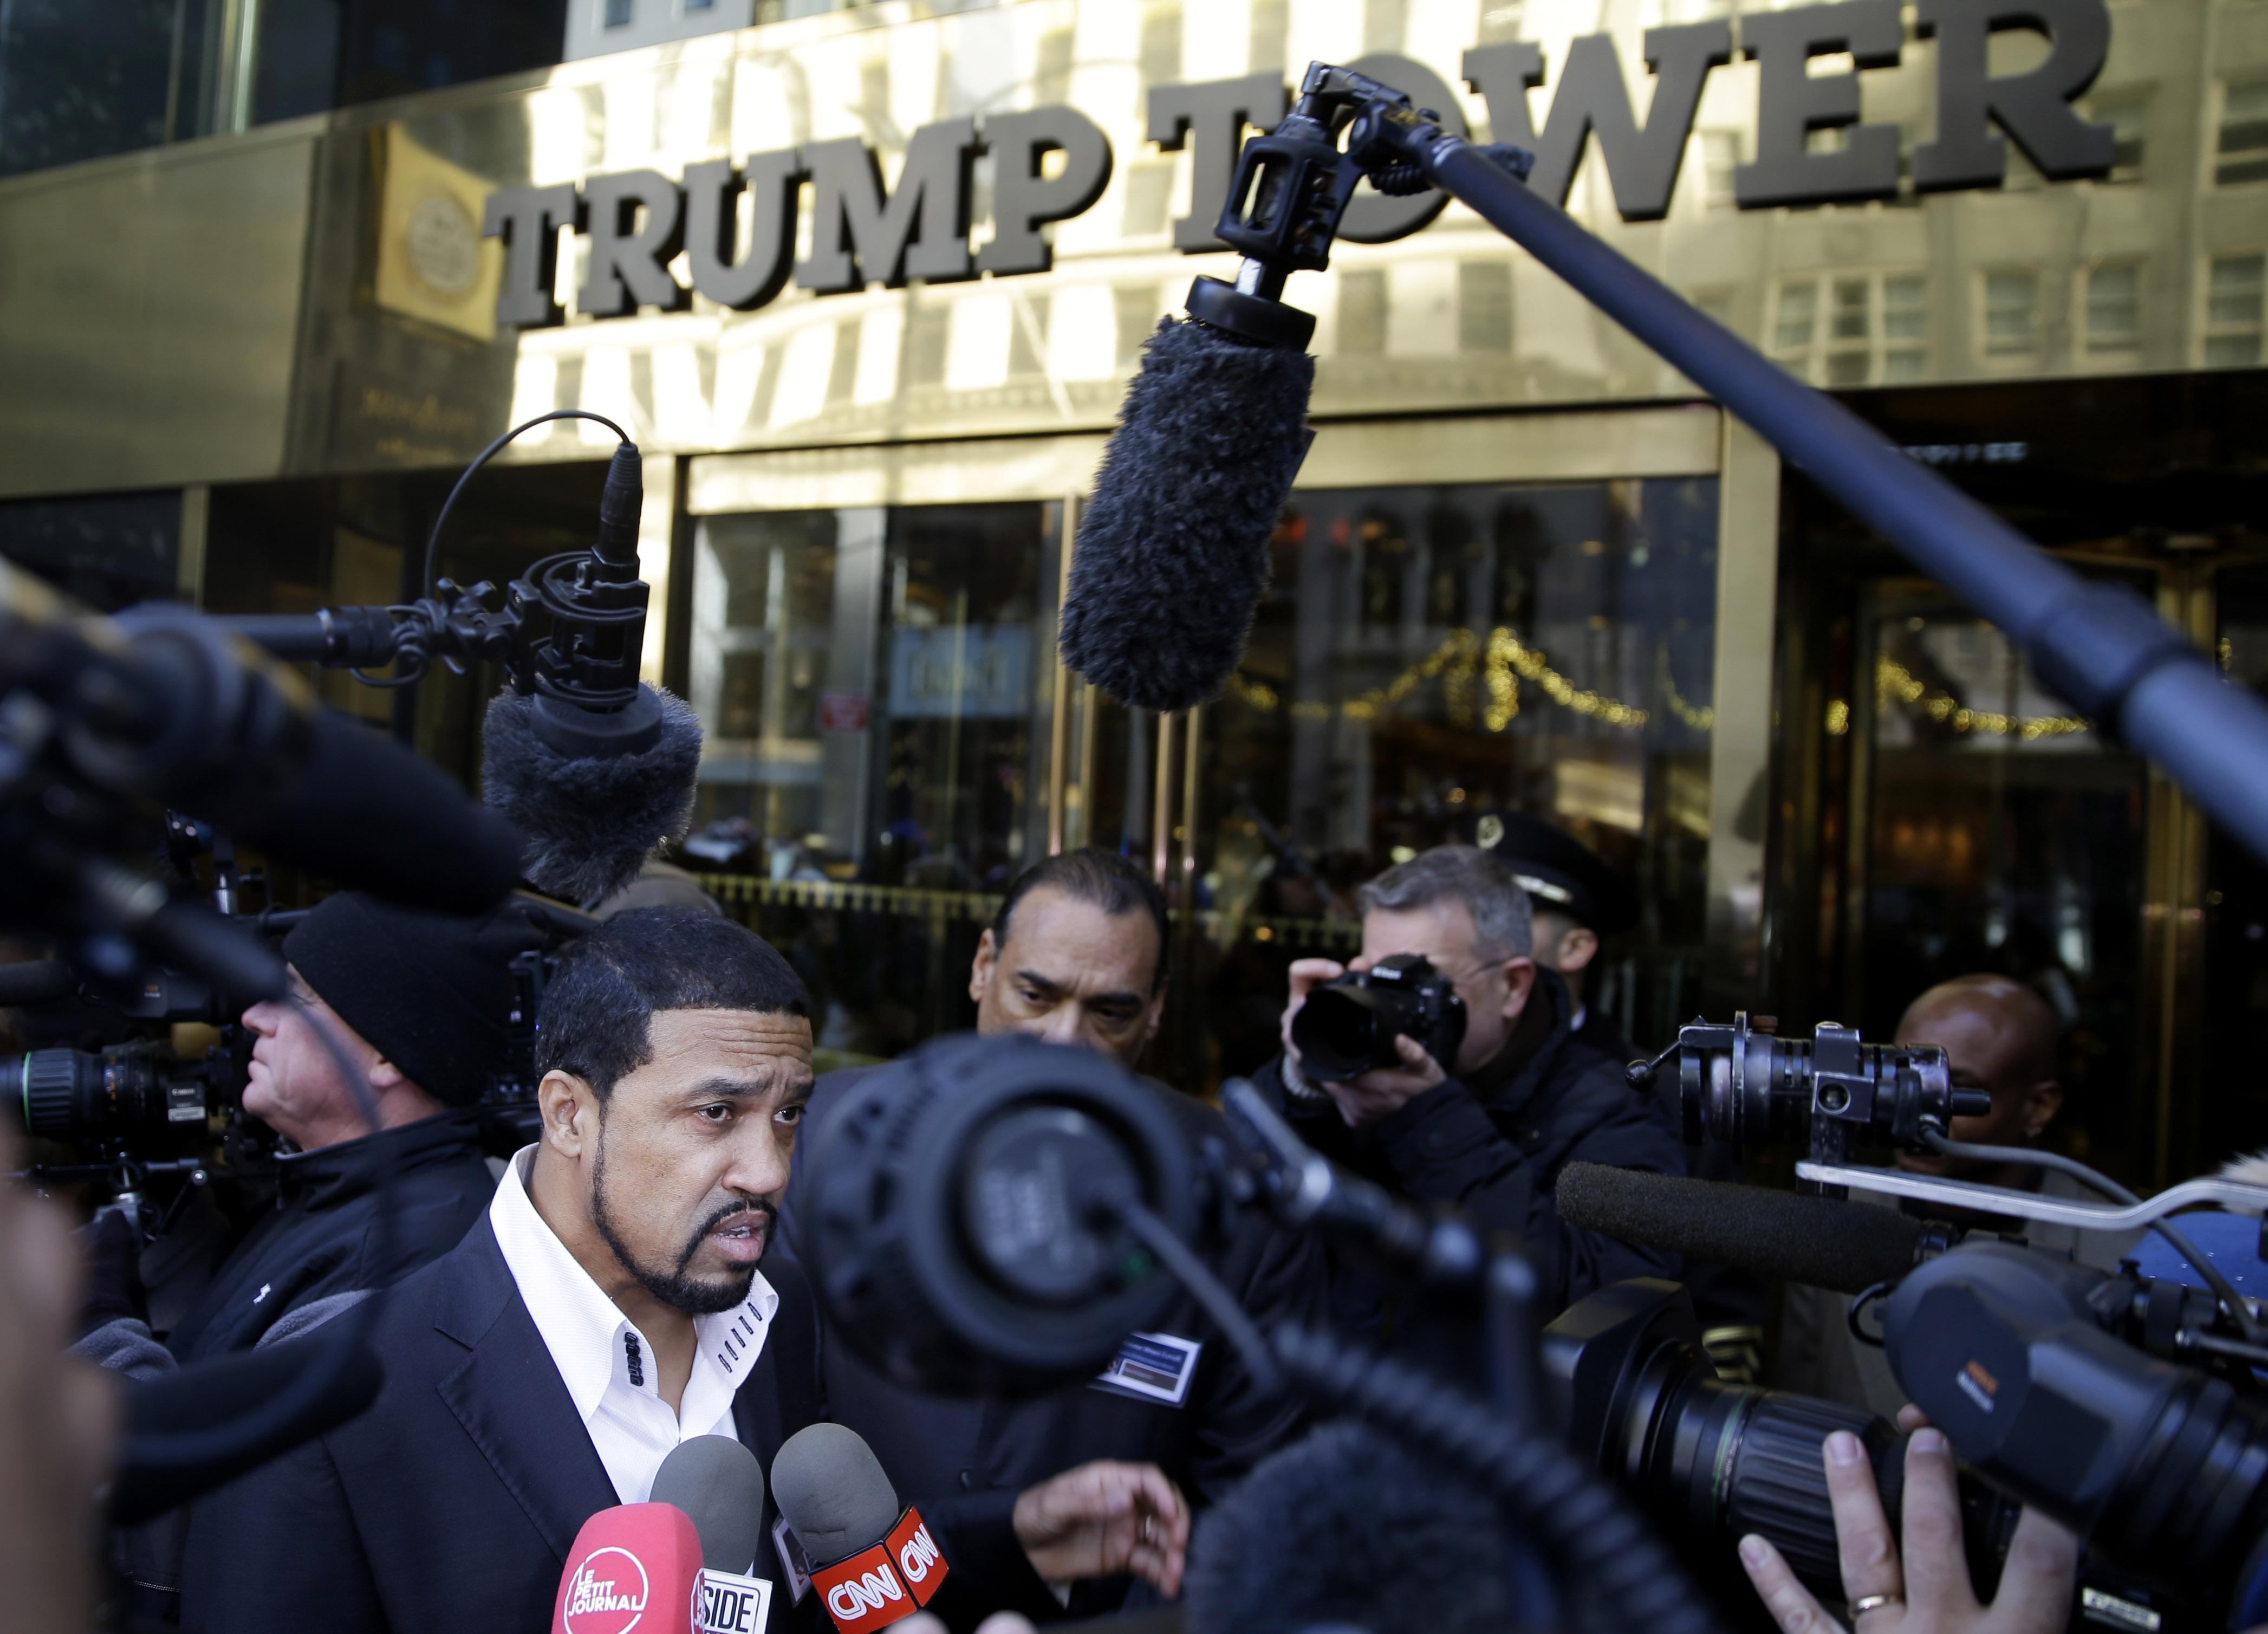 Pastor Darrell Scott, bottom left, of the New Spirit Revival Center in Ohio, speaks to reporters outside of Trump Tower in New York.